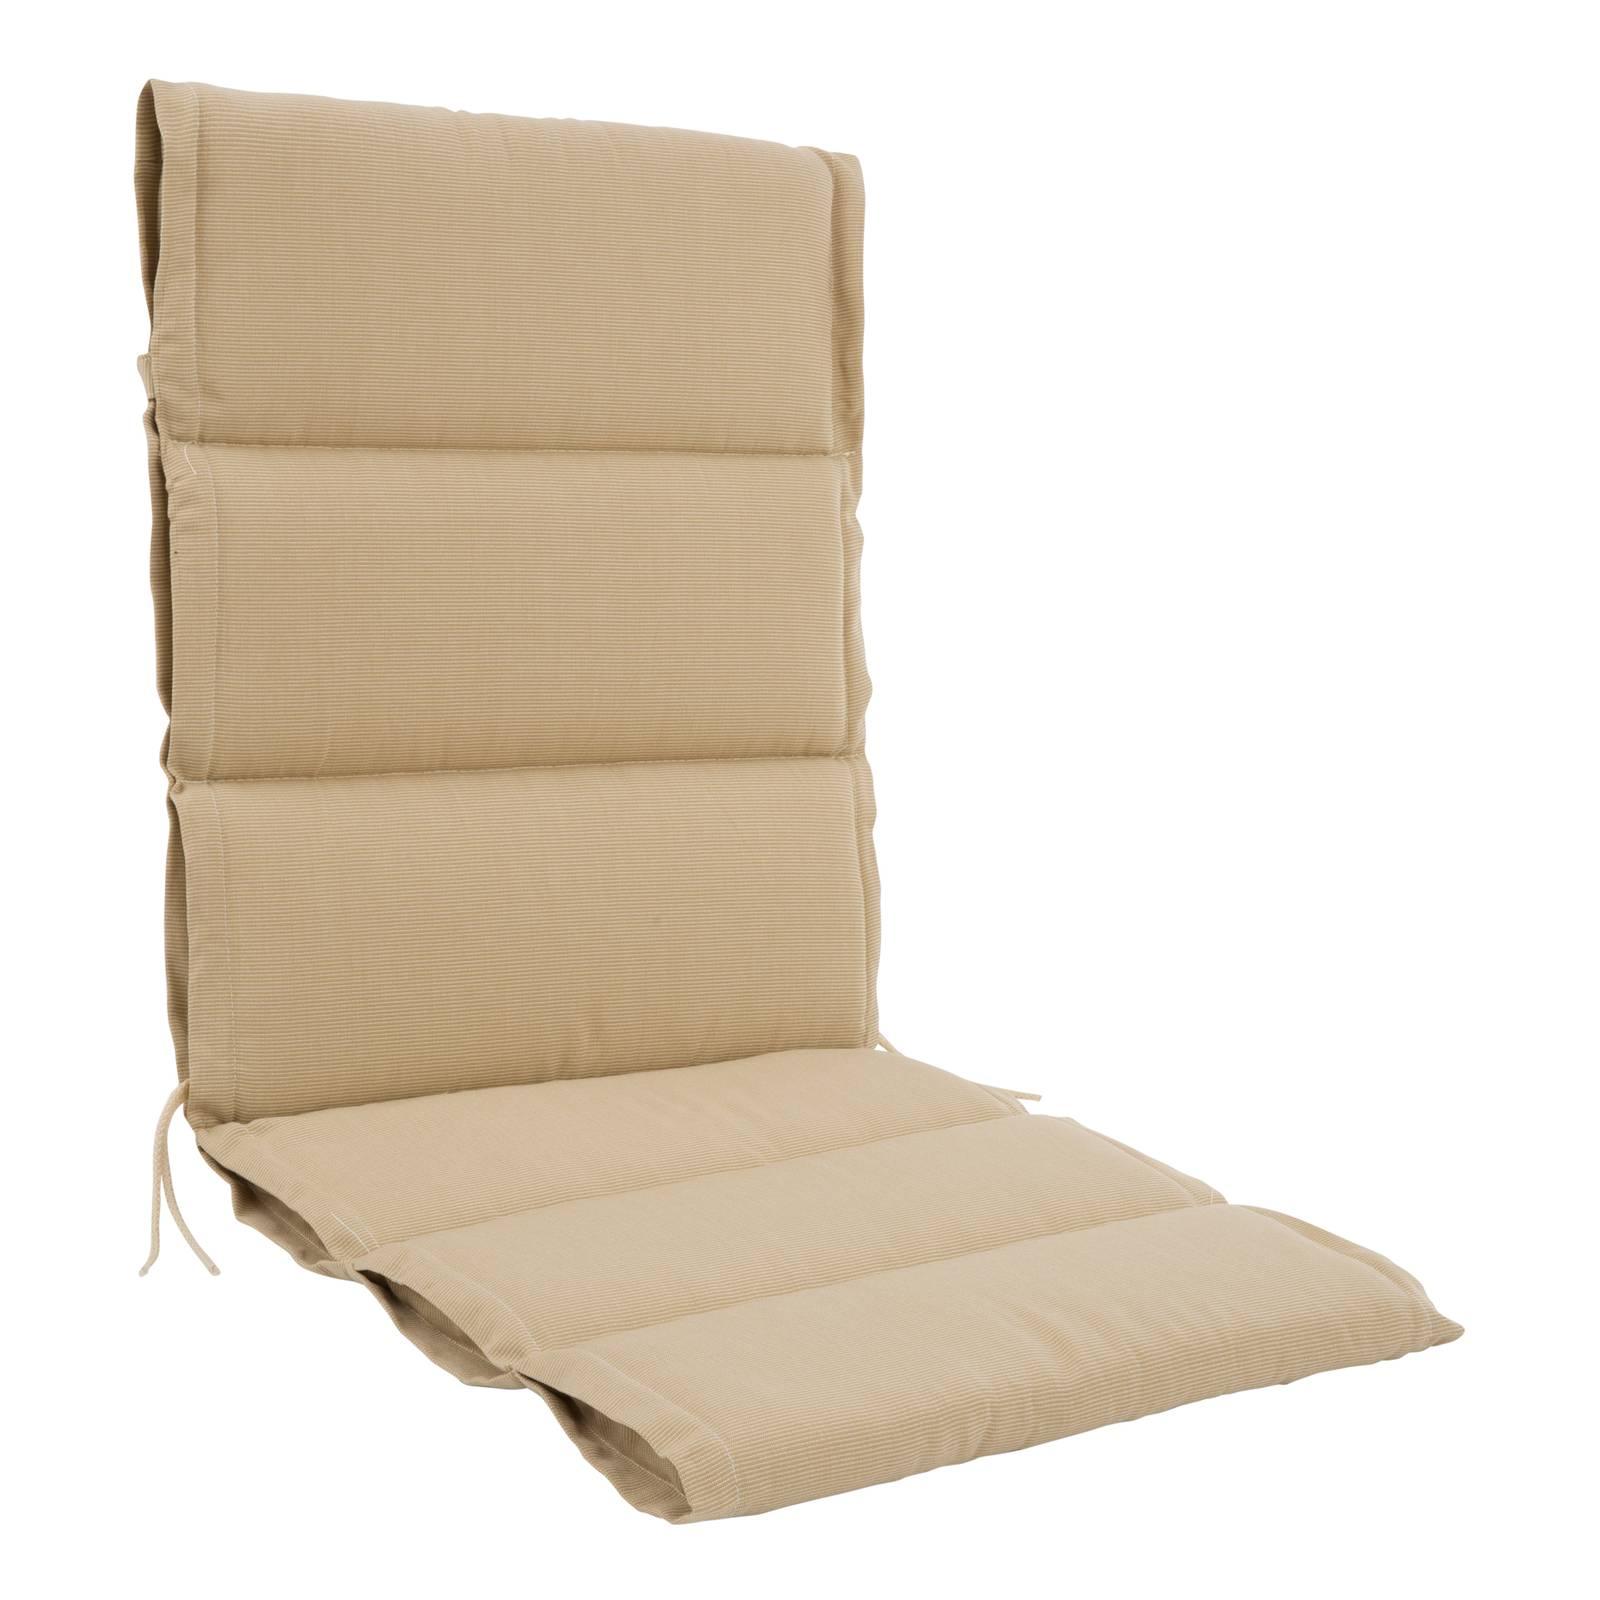 Poduszka na krzesło Ambiente 5,5 cm D009-05SB  PATIO